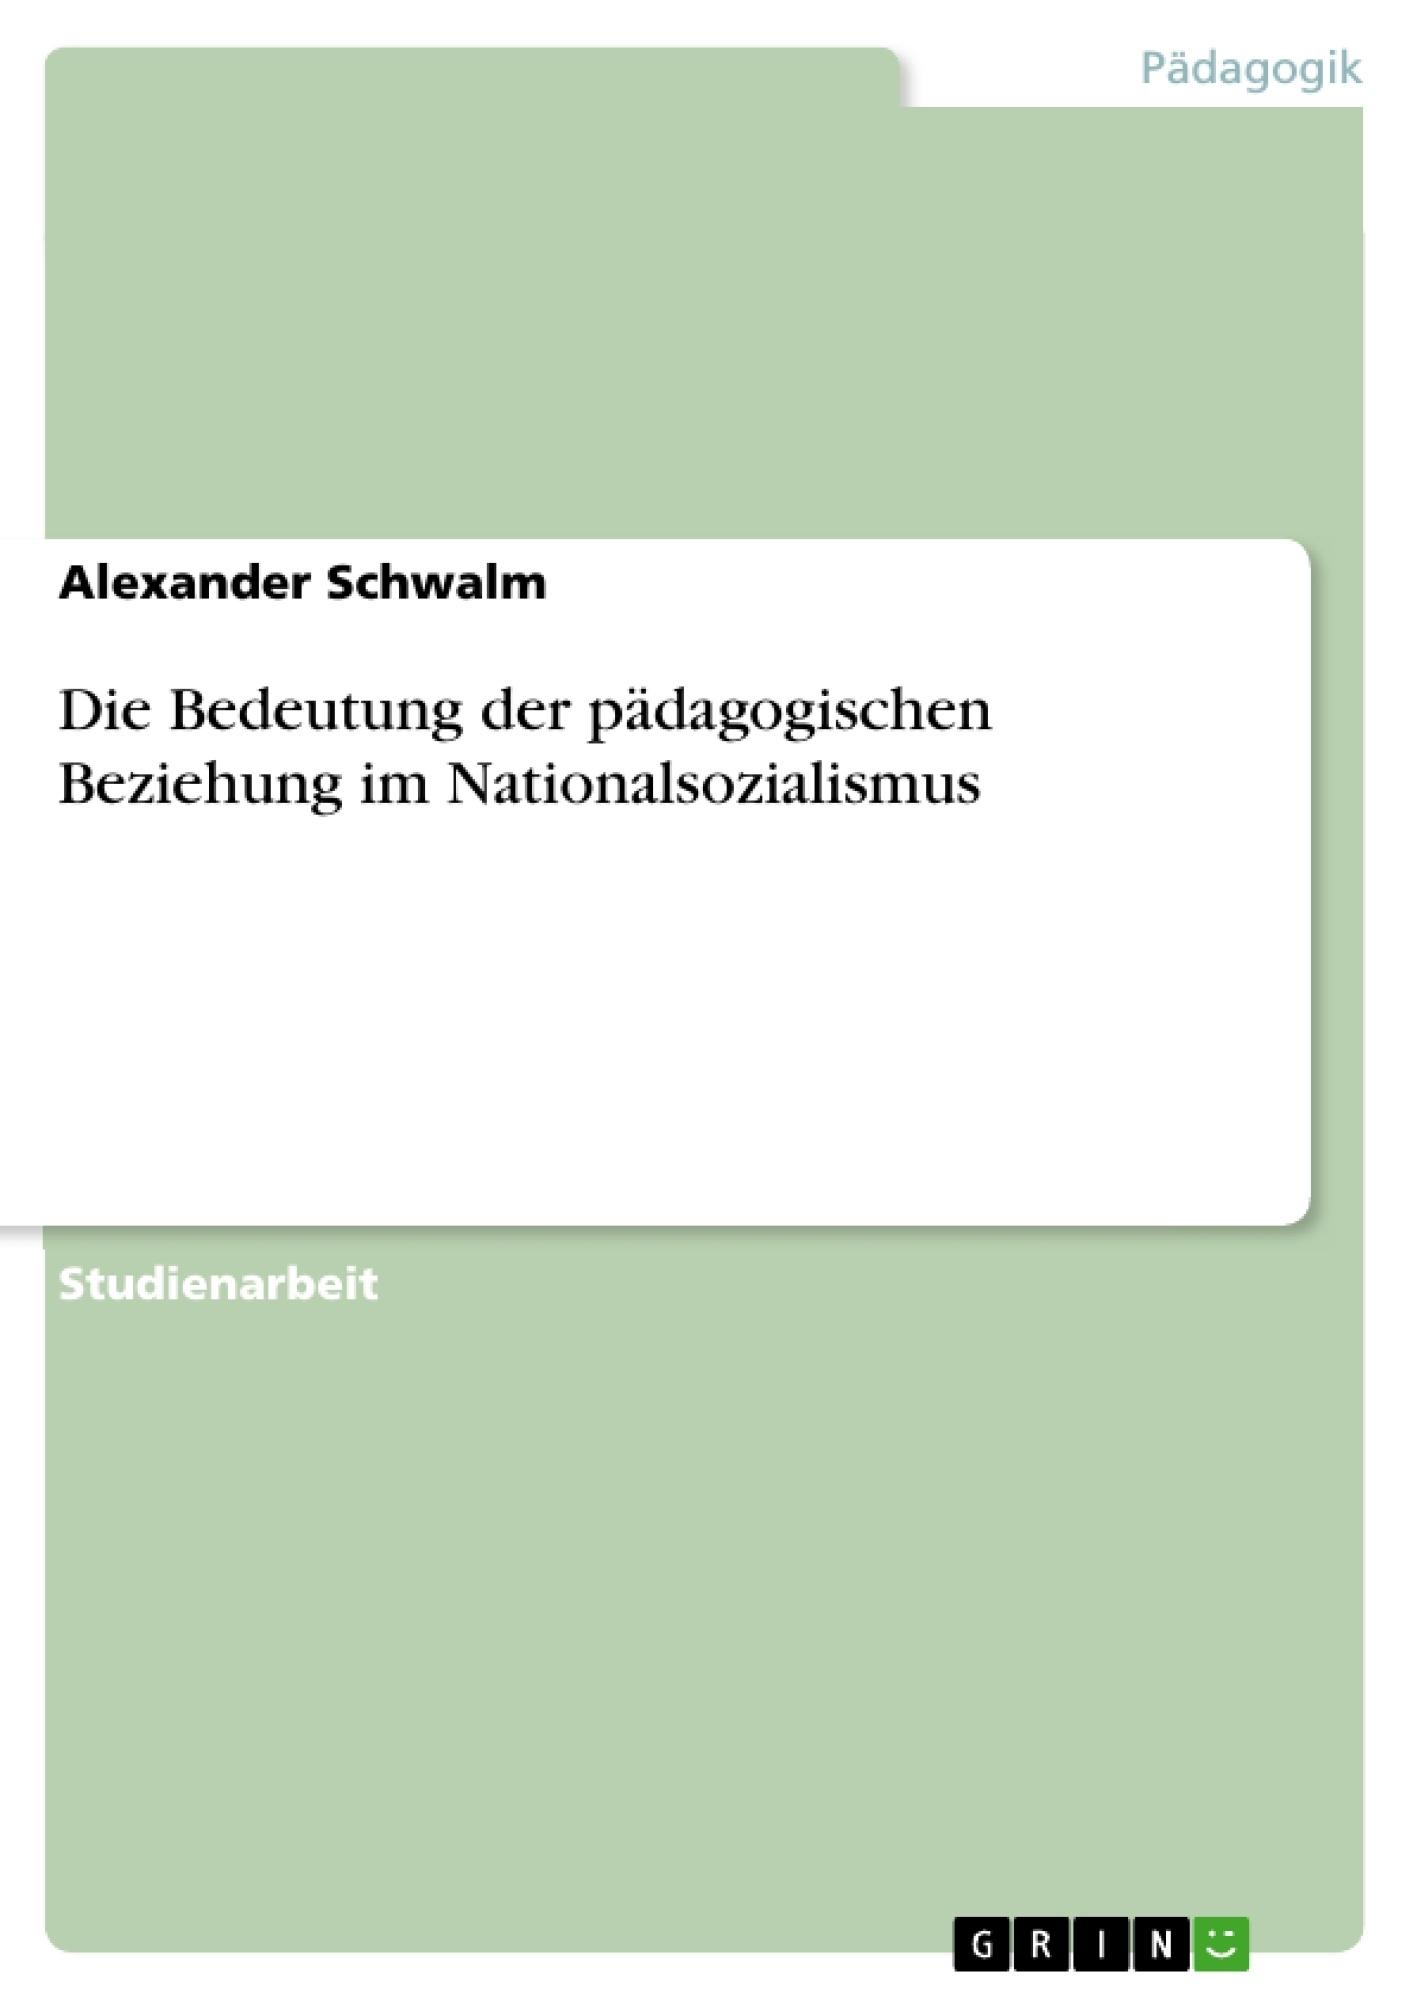 Titel: Die Bedeutung der pädagogischen Beziehung im Nationalsozialismus